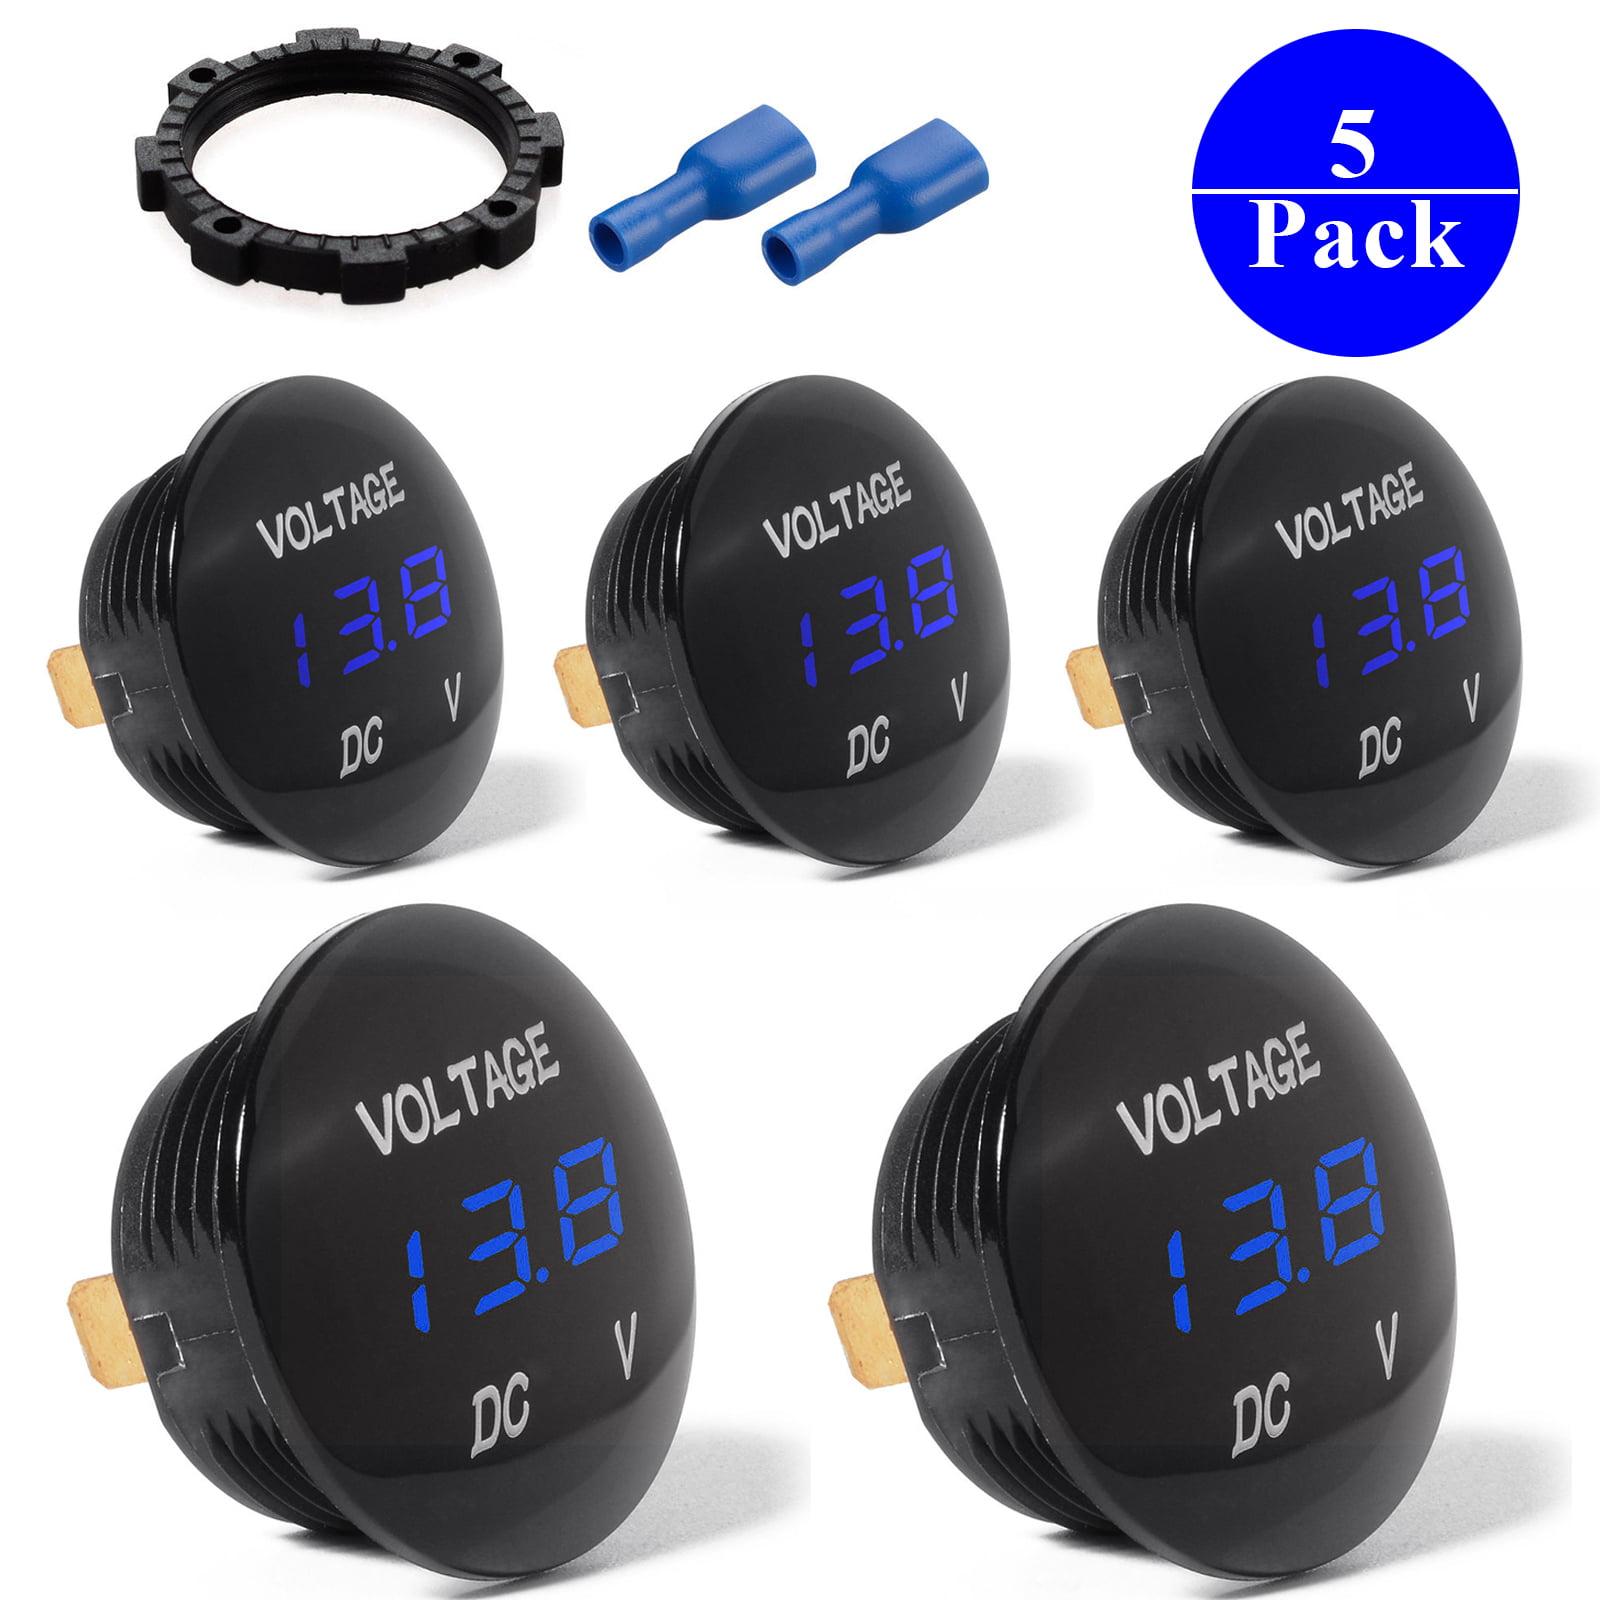 5-pack DC 12V-24V LED Panel Digital Voltage Meter Display Voltmeter For Automotive Car Motorbike Boat ATV UTV Camper Caravans Travel Trailer BLUE